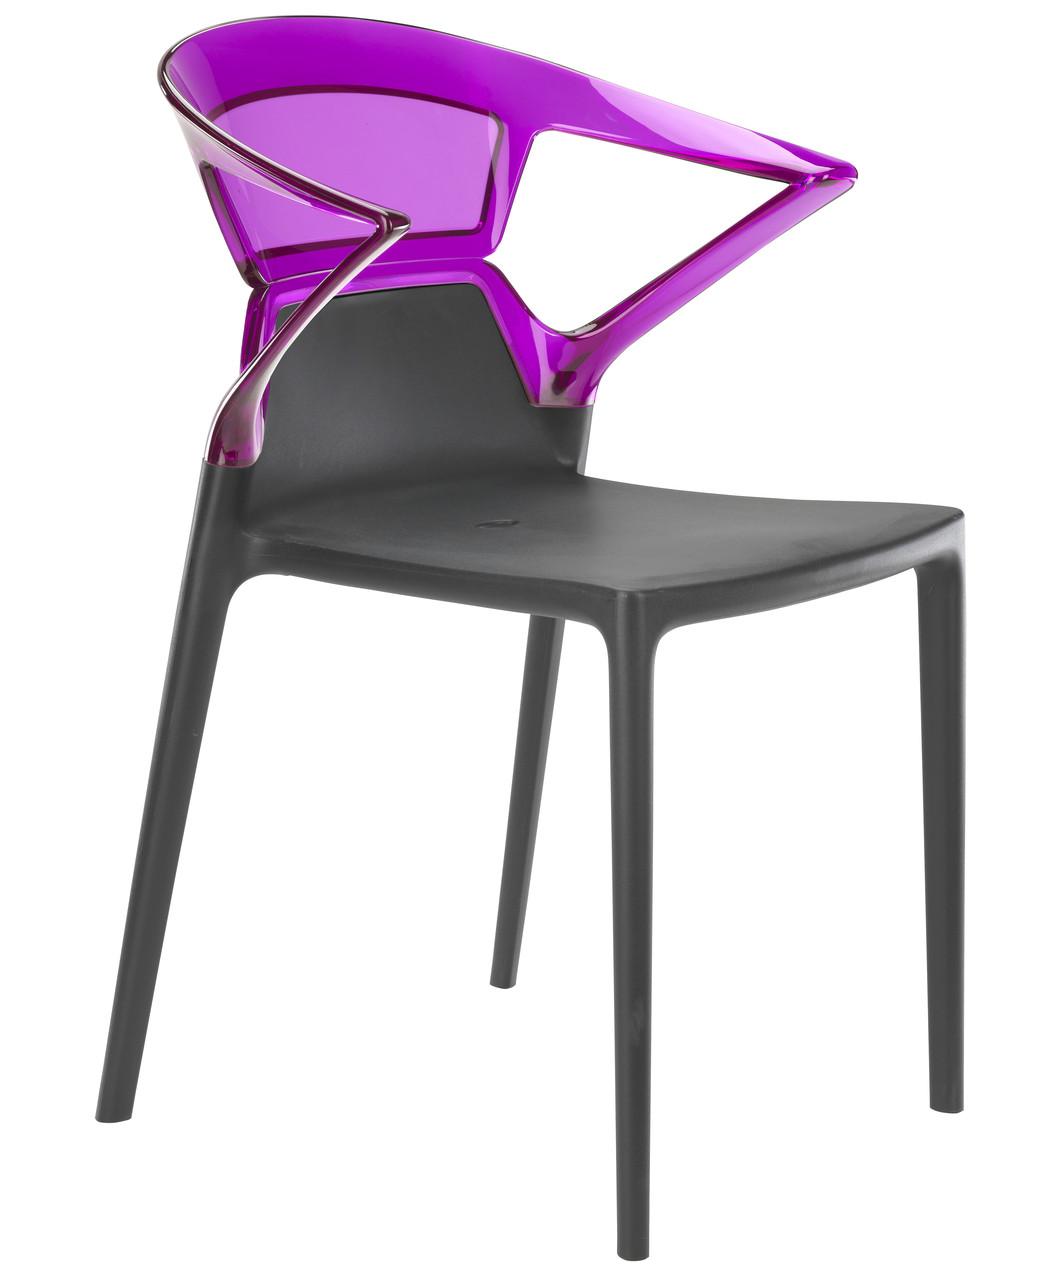 Кресло Ego-K сиденье Антрацит верх Прозрачно-пурпурный (Papatya-TM)